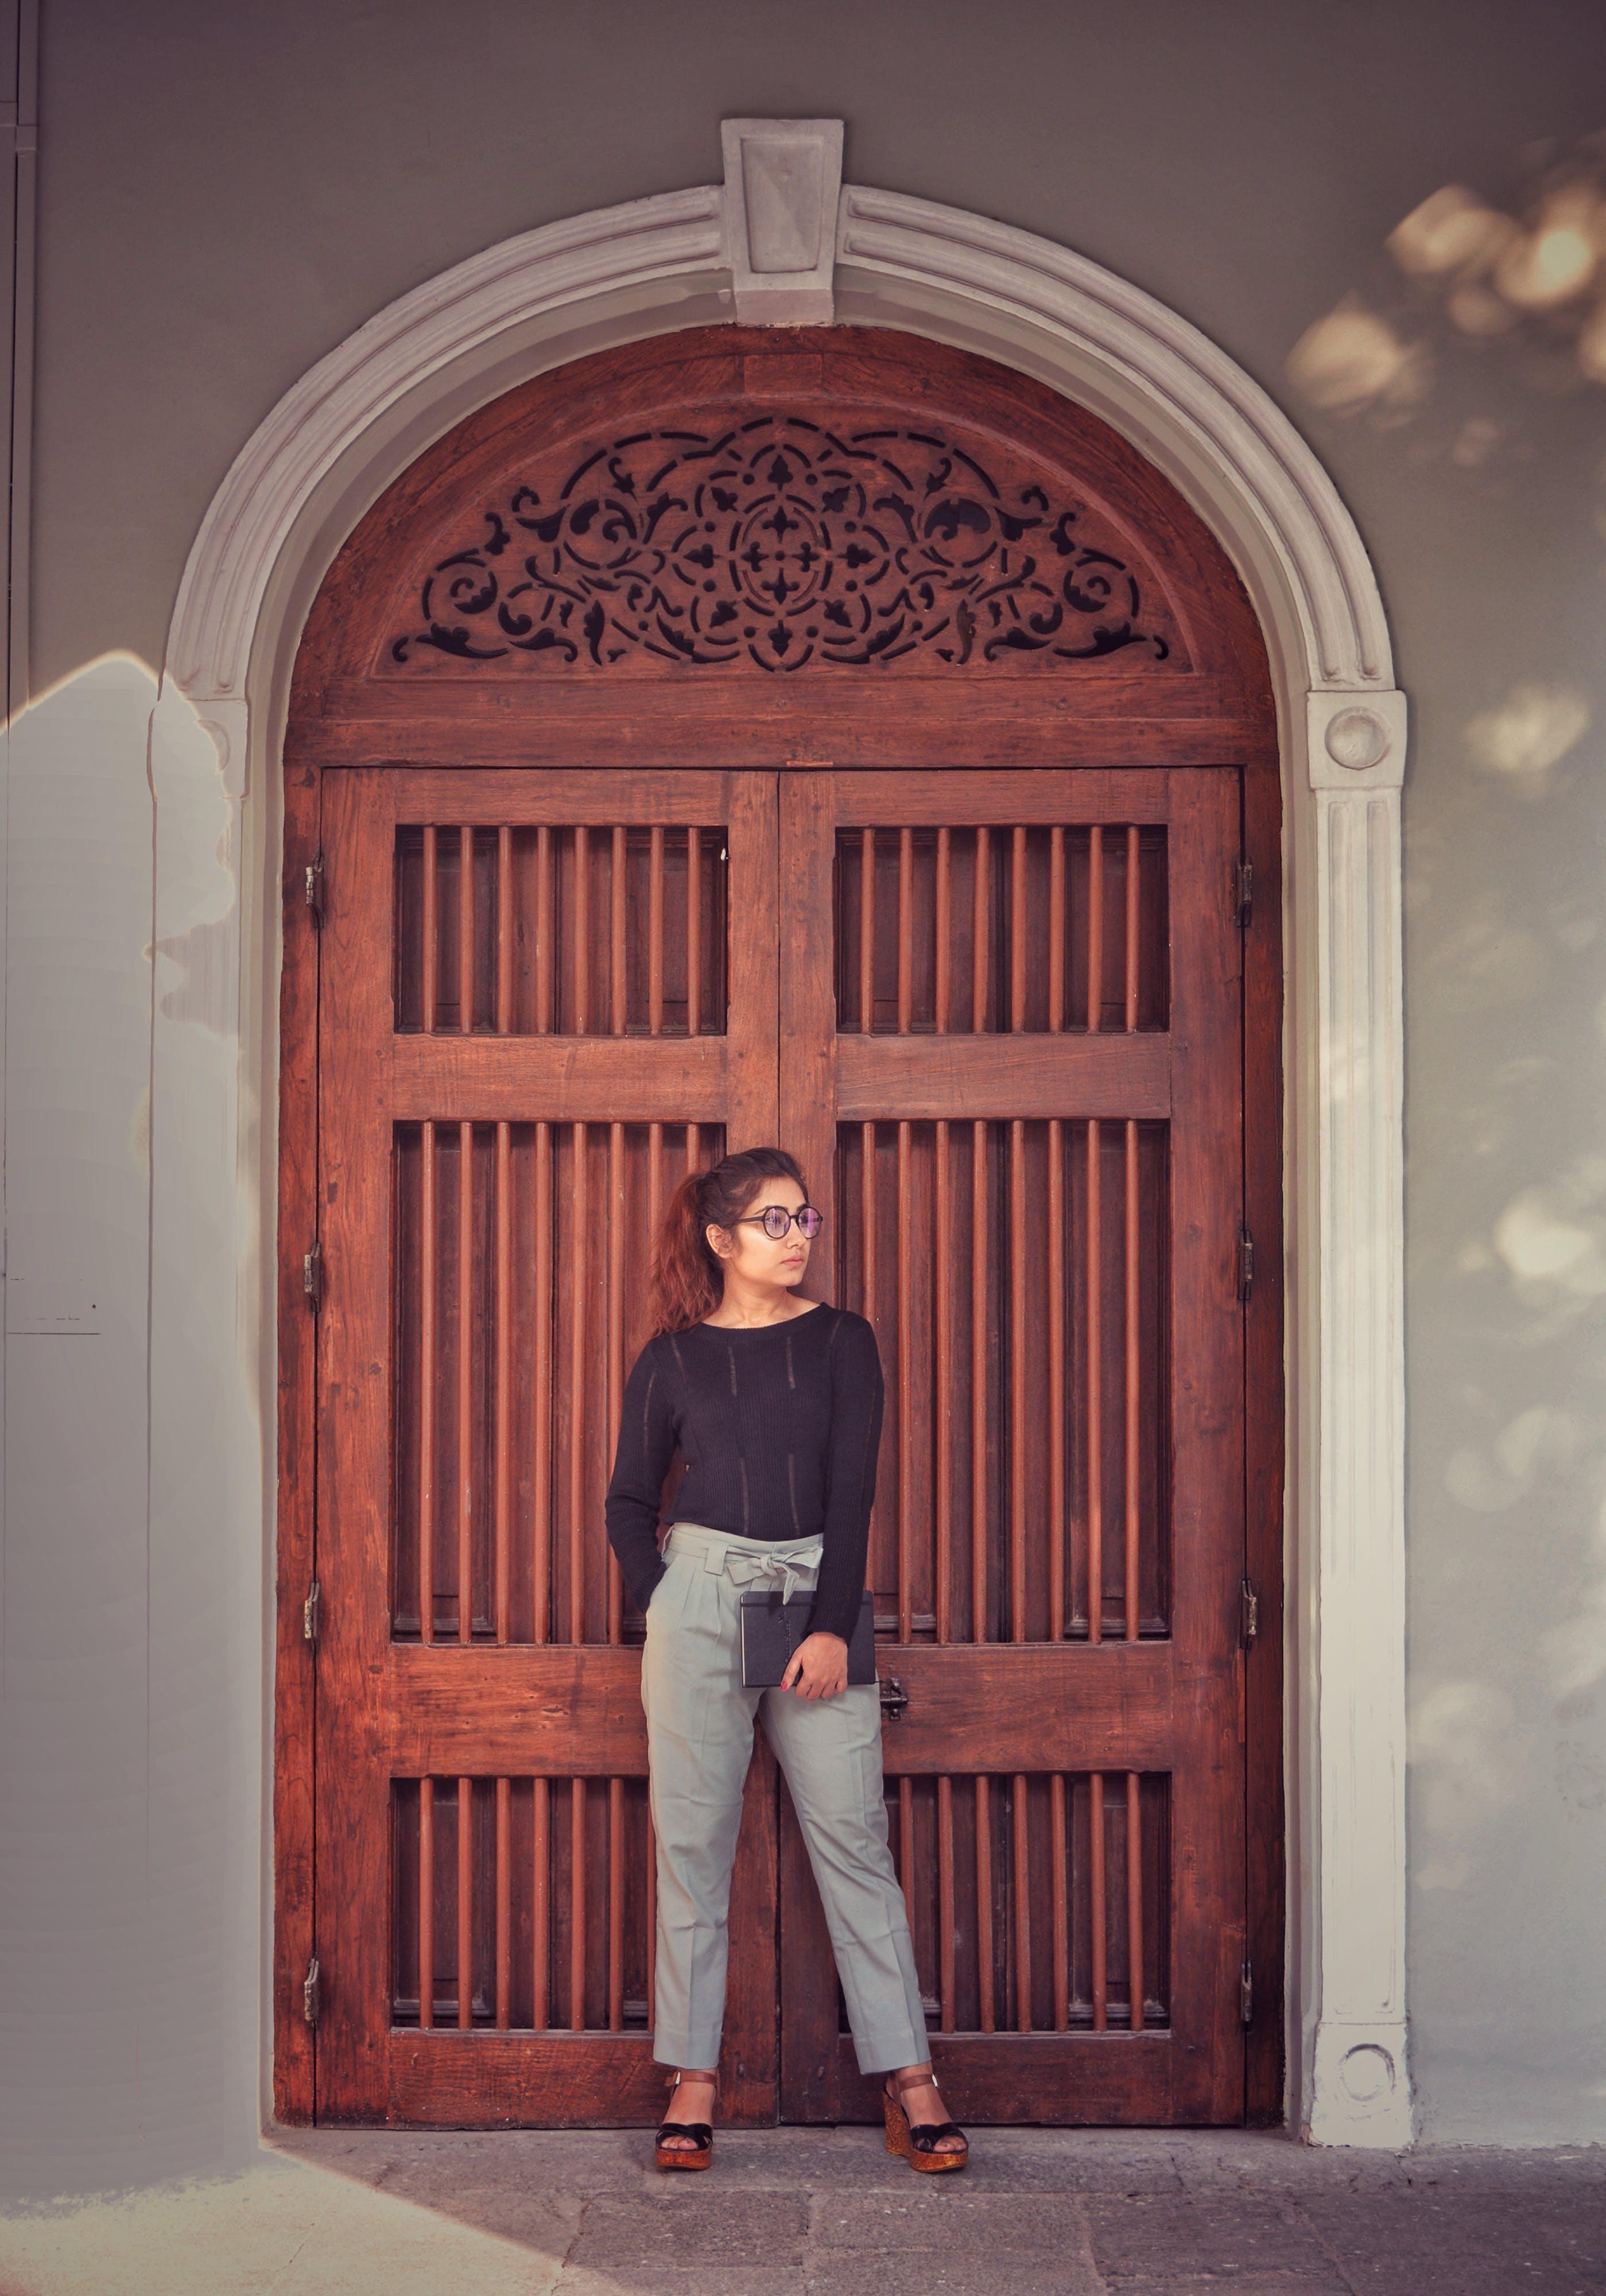 入口, 原本, 外觀, 女人 的 免費圖庫相片